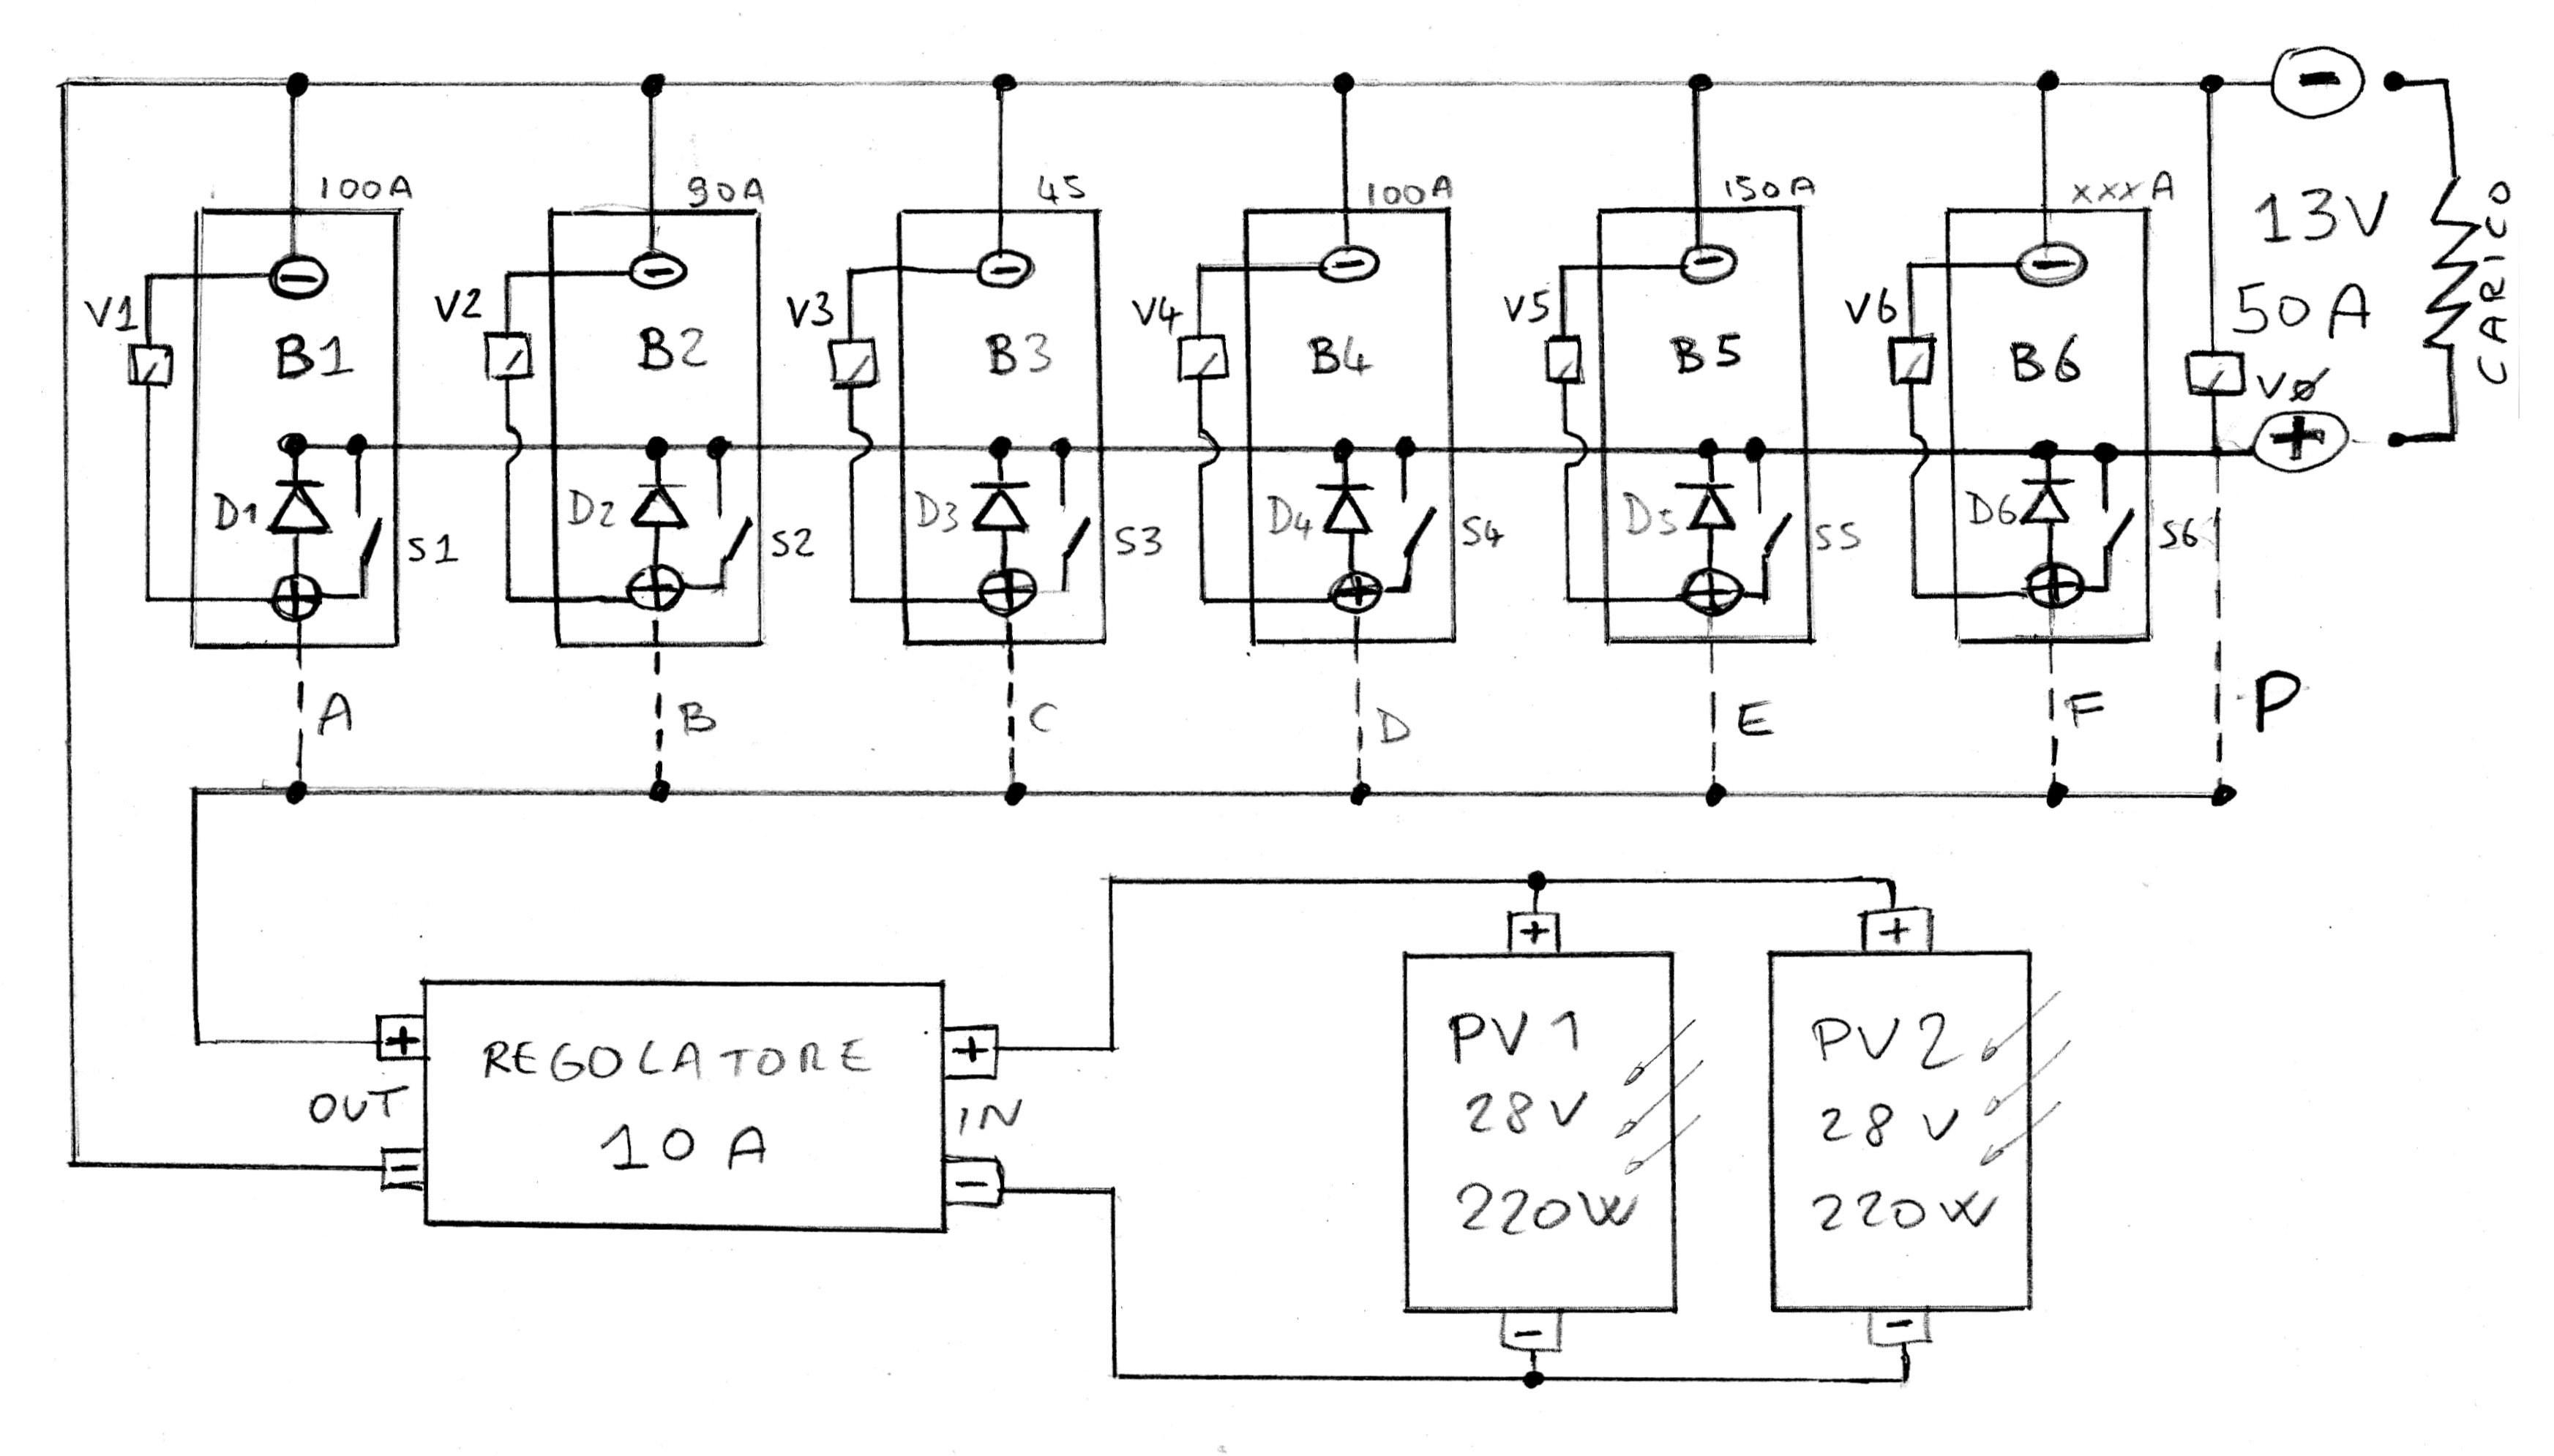 Schema Elettrico Lavatrice : Impianto a pannelli solari e batterie